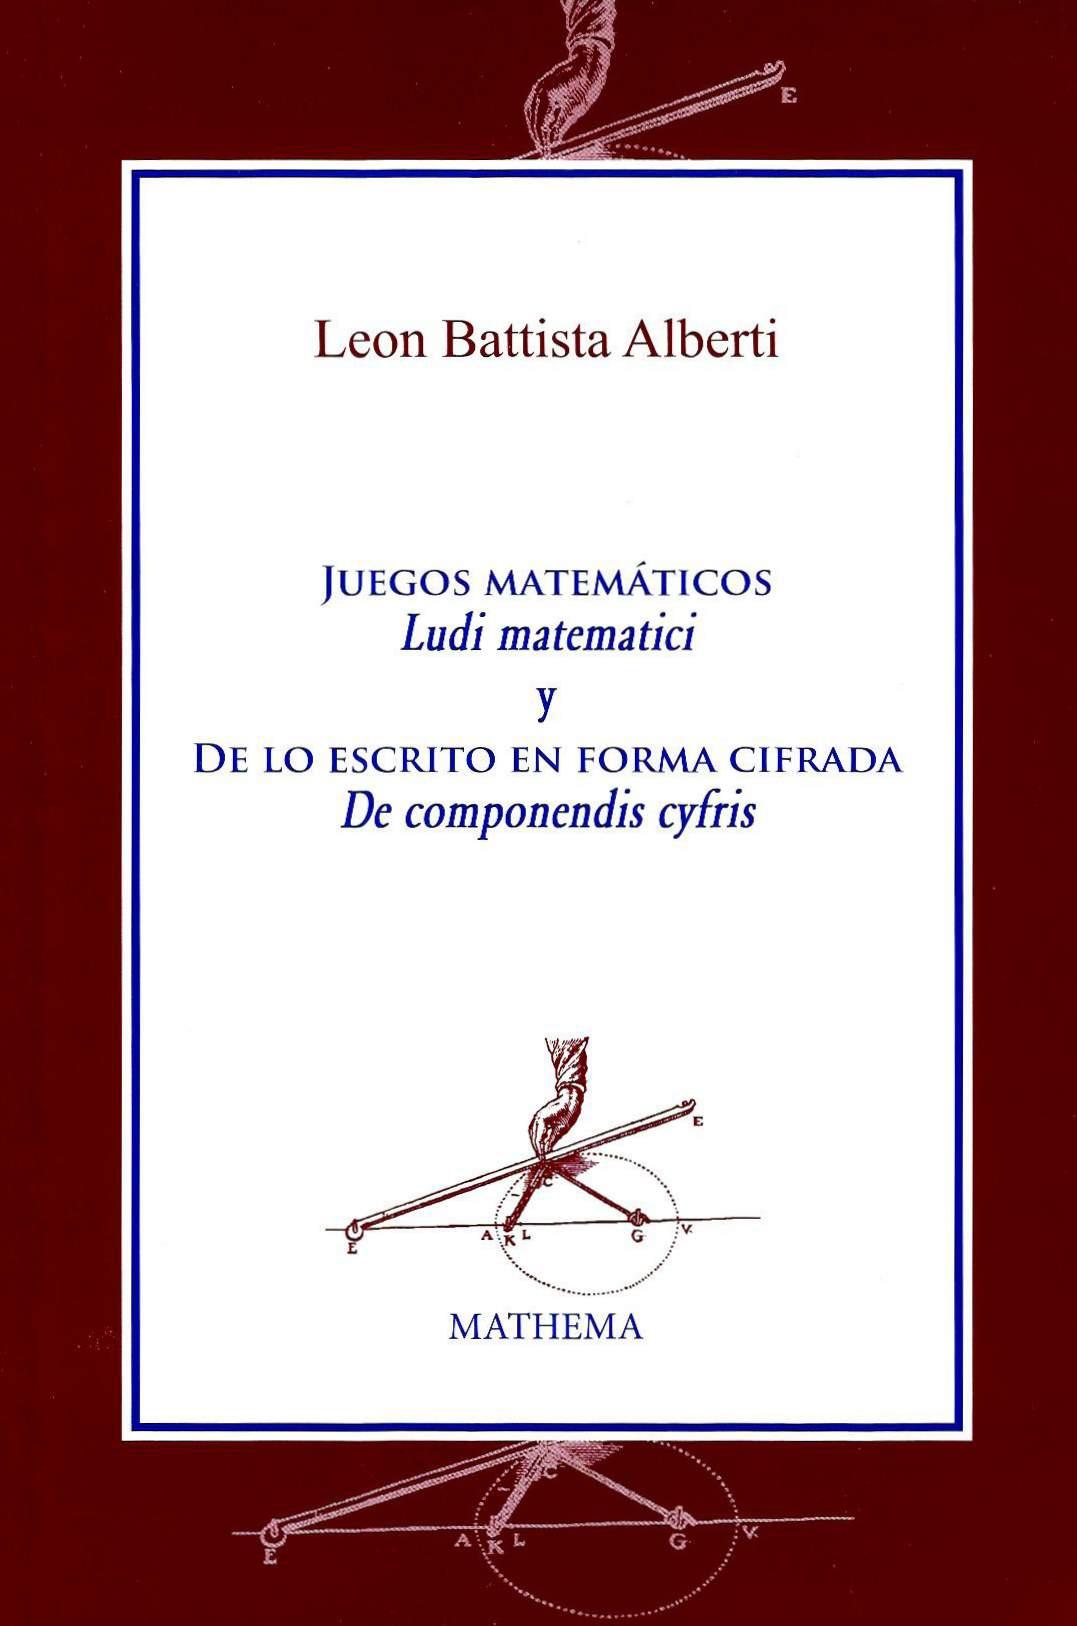 Juegos matemáticos Ludi matematici y De lo escrito en forma cifrada De componendis cyfris